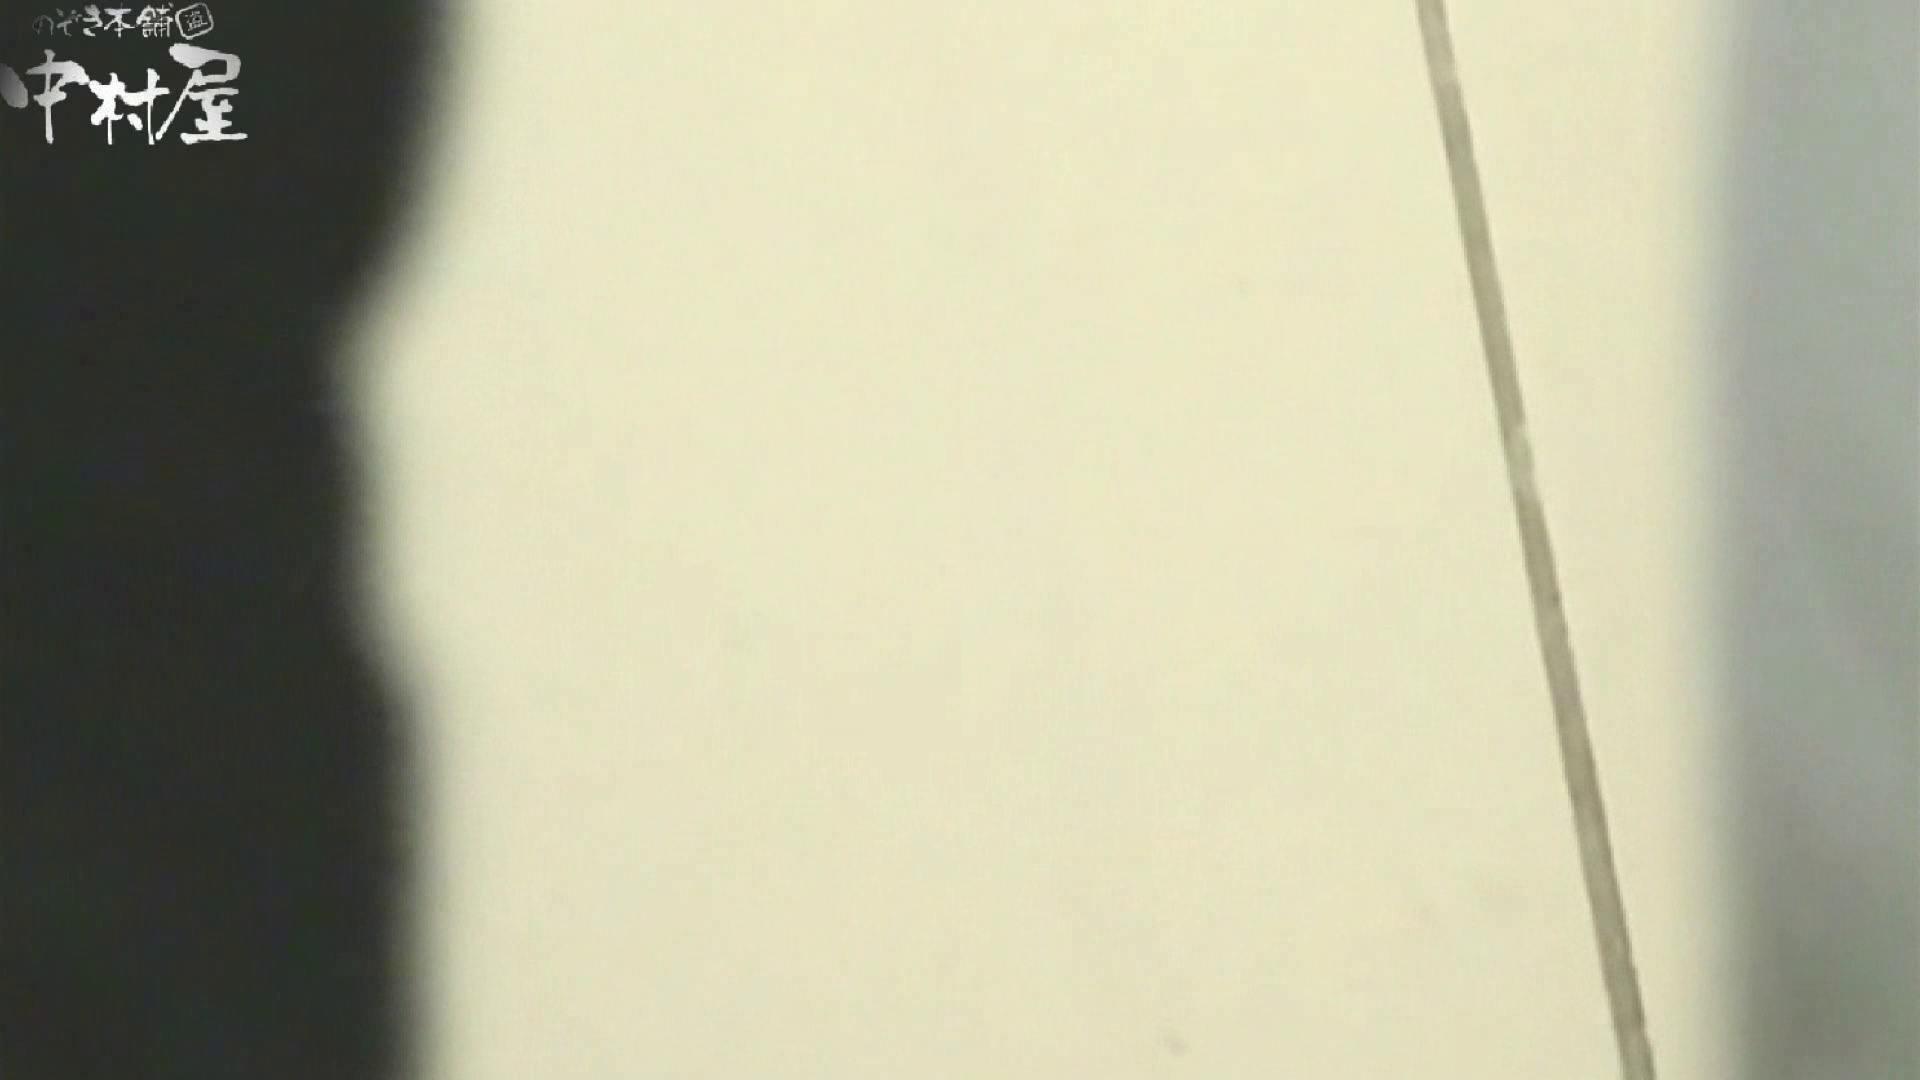 解禁!海の家4カメ洗面所vol.01 人気シリーズ おめこ無修正画像 64連発 43